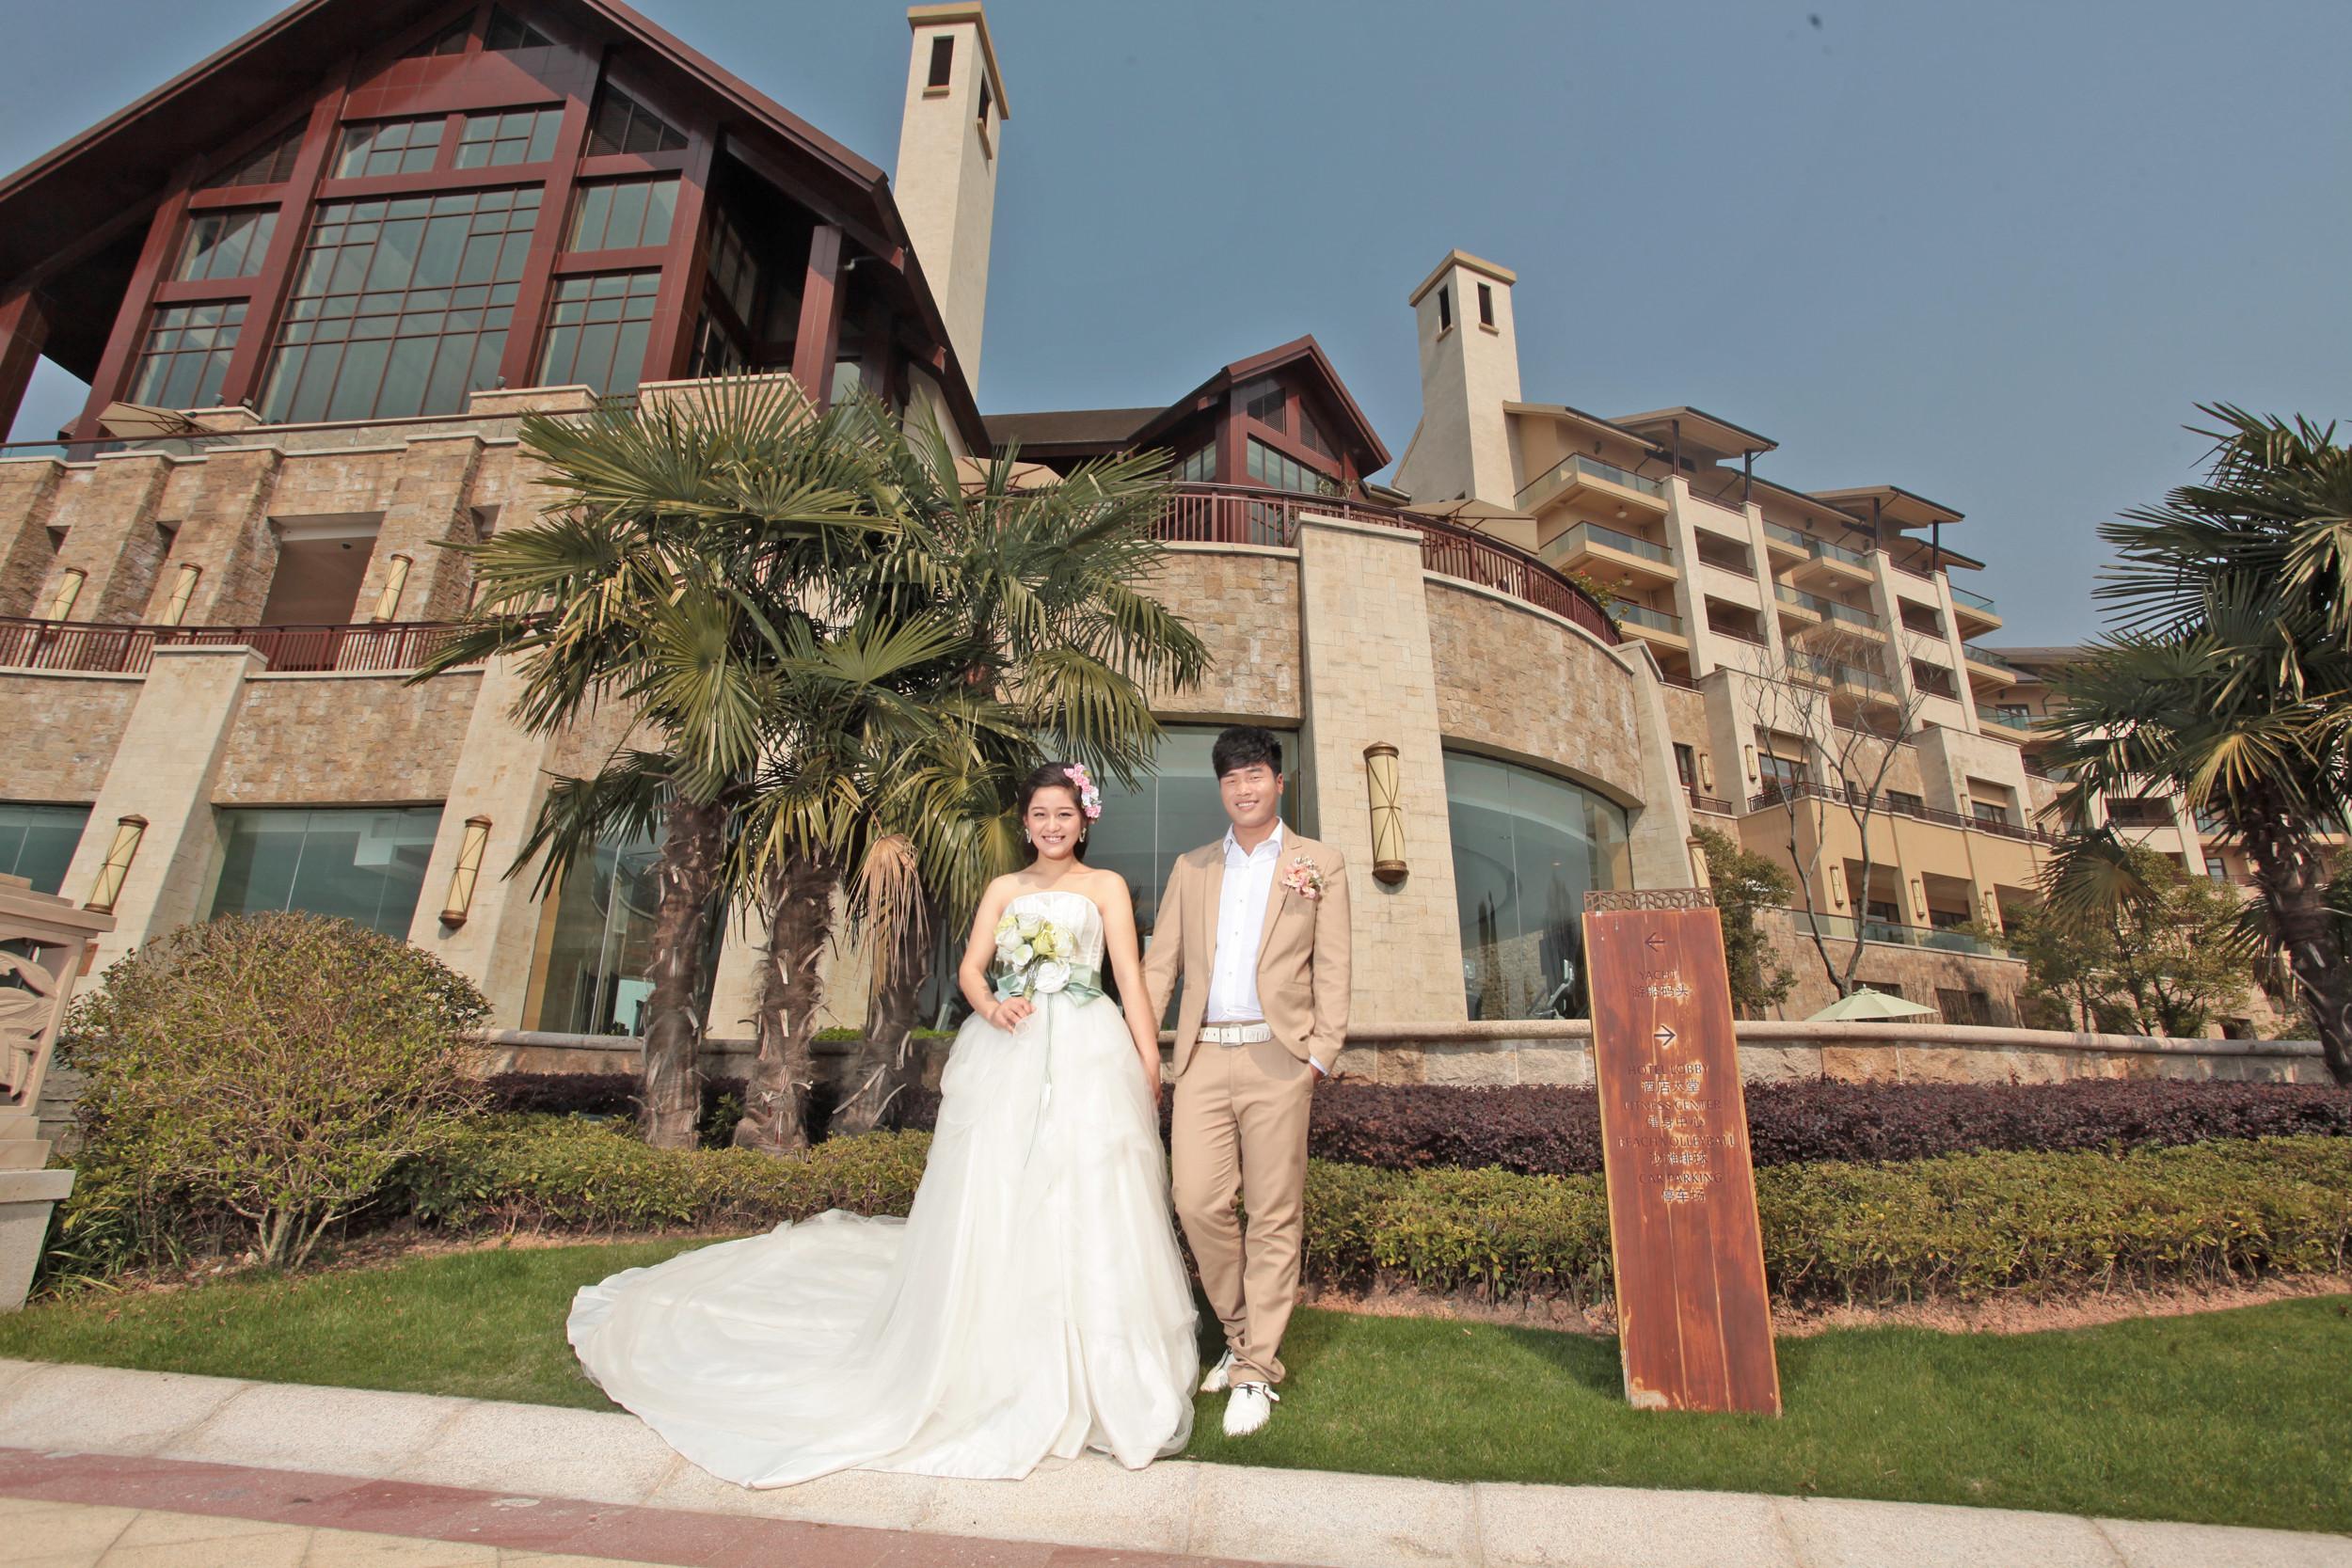 杭州千岛湖婚纱摄影|千岛湖婚纱摄影|千岛湖费洛蒙婚纱摄影|千岛湖最